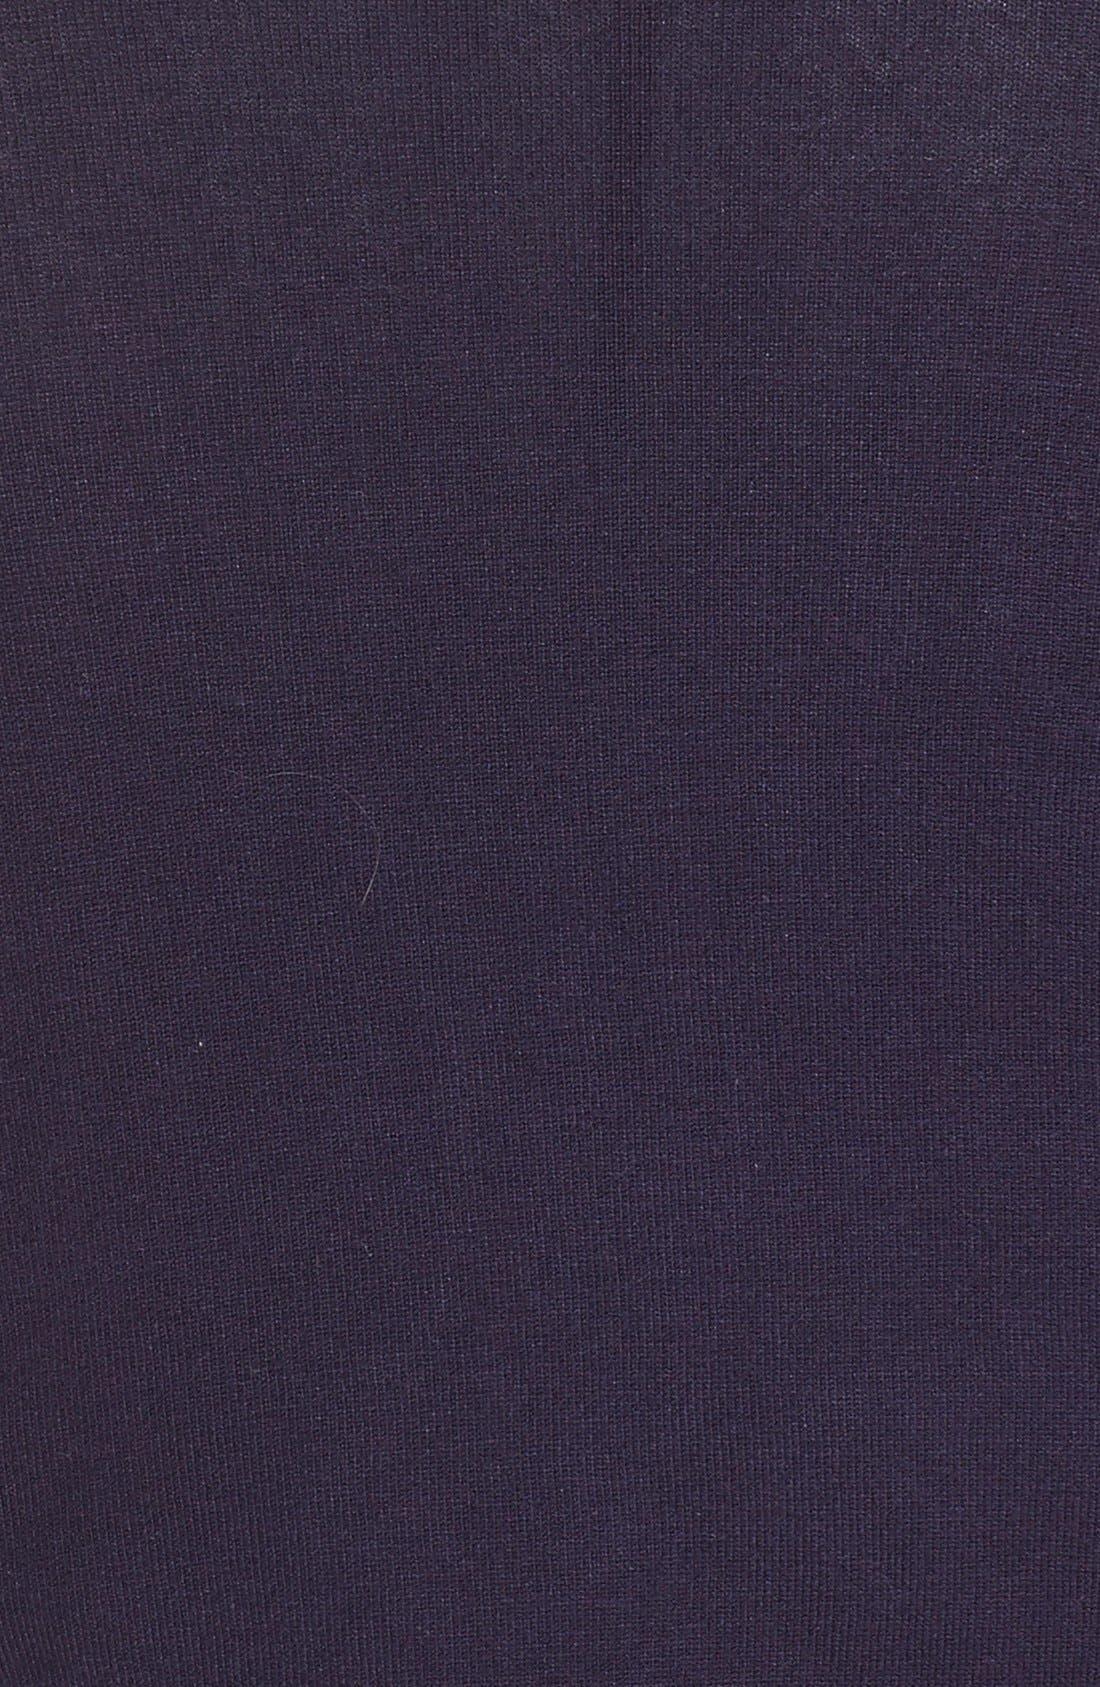 Alternate Image 5  - Eliza J Three Quarter Sleeve Shrug (Plus Size)